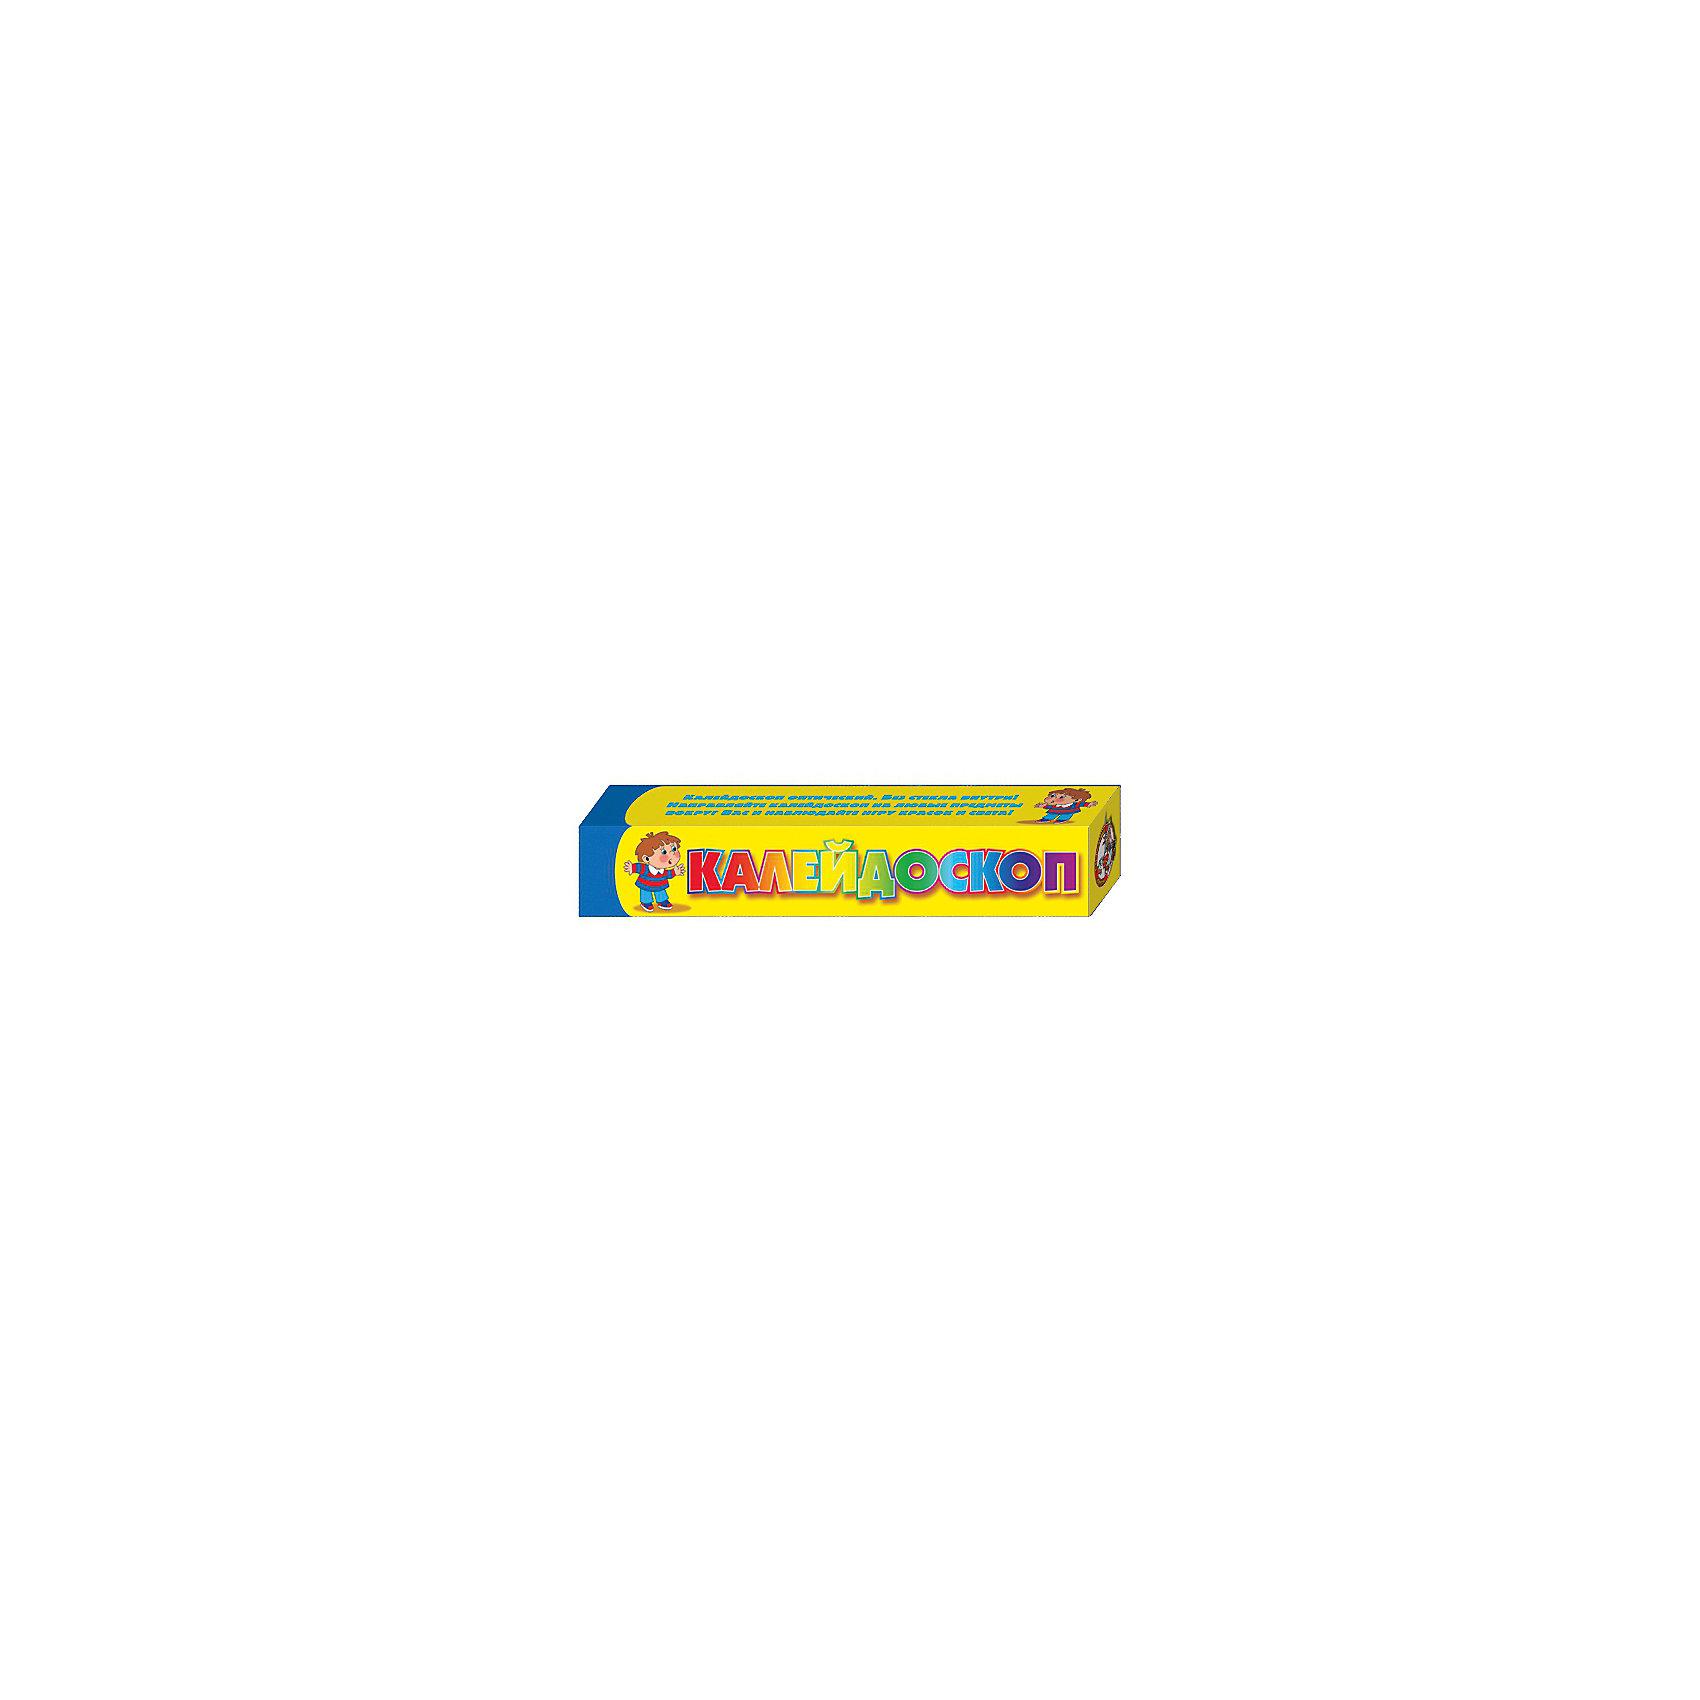 Калейдоскоп в желтой коробке, Десятое королевствоИгрушки-антистресс<br>Калейдоскоп в желтой коробке, Десятое королевство<br><br>Характеристики: <br><br>• Возраст: от 3 лет<br>• Материал: пластик<br>• Размер игрушки: длина 22см, диаметр 4см<br><br>Этот уникальный оптический калейдоскоп изготовлен из пластика и стекла. Благодаря тому, что внутри него не содержится цветных стеклышек - он полностью безопасен для малышей. <br><br>Узоры получаются за счет отражения от поверхности, на которую направлен калейдоскоп, а так же благодаря увеличительному стеклу и системе зеркал. Лучше всего использовать его при ярком солнечном свете.<br><br>Калейдоскоп в желтой коробке, Десятое королевство можно купить в нашем интернет-магазине.<br><br>Ширина мм: 225<br>Глубина мм: 40<br>Высота мм: 40<br>Вес г: 113<br>Возраст от месяцев: 36<br>Возраст до месяцев: 60<br>Пол: Унисекс<br>Возраст: Детский<br>SKU: 5473763